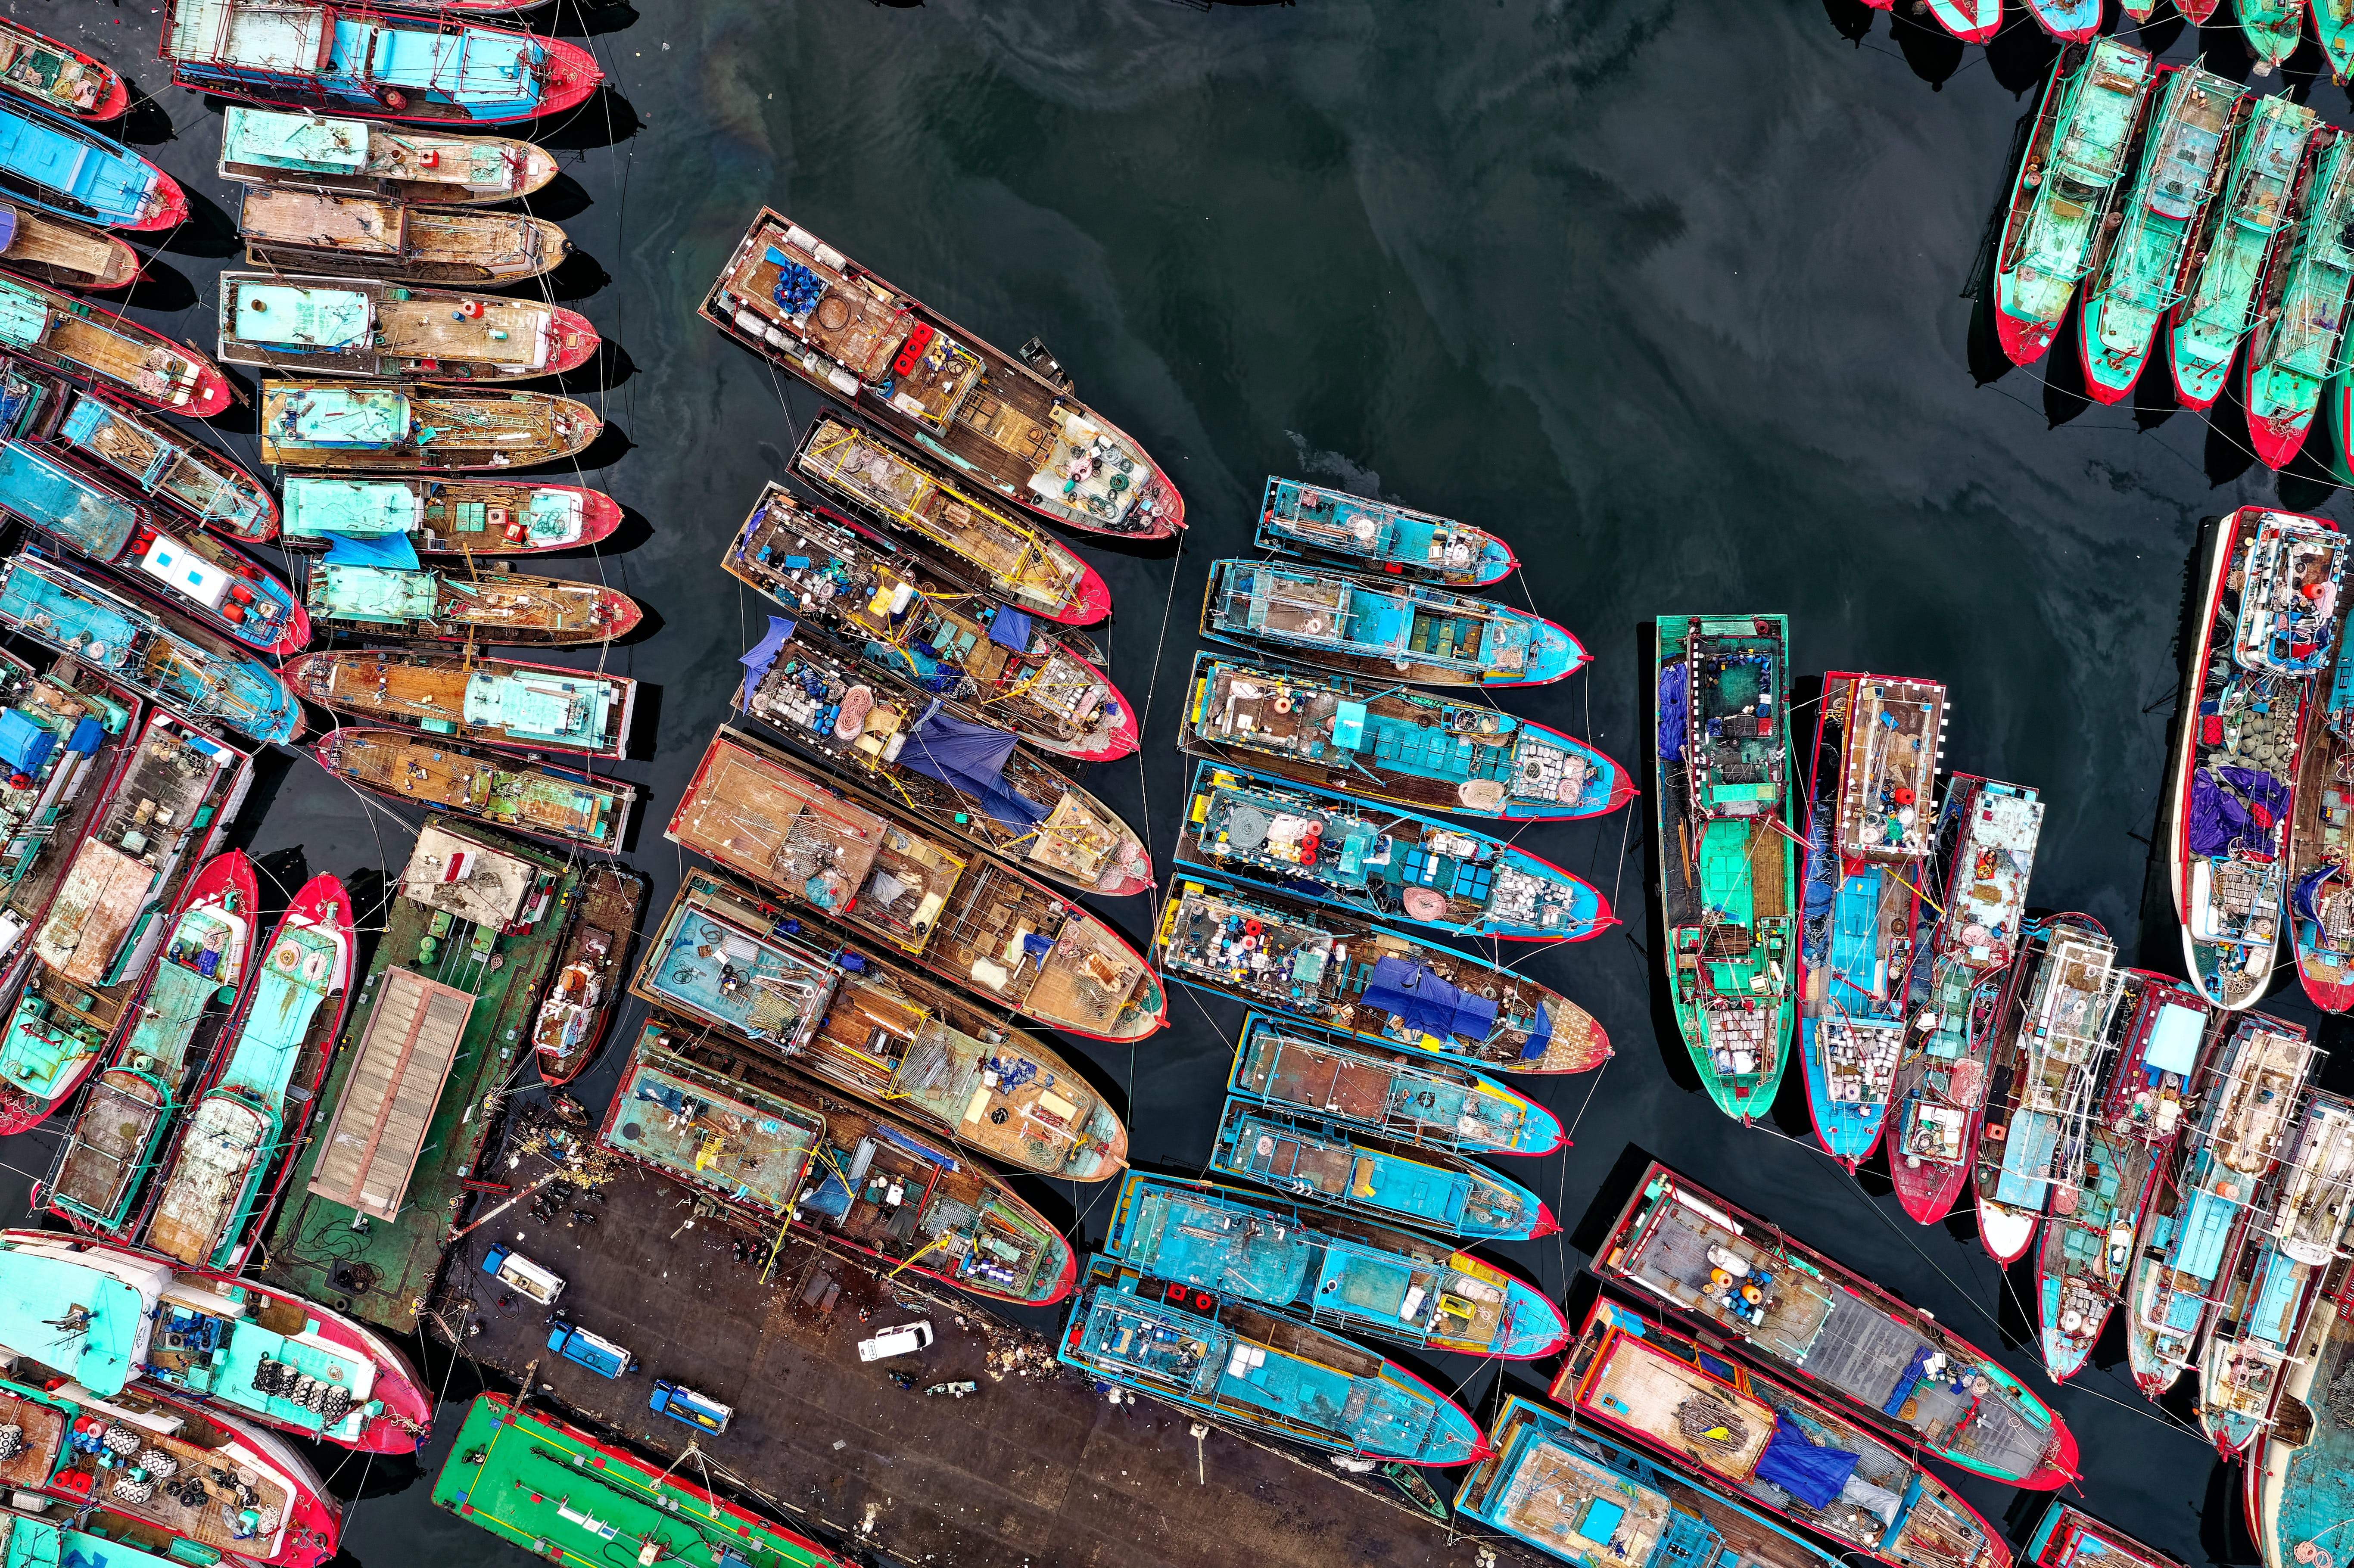 Foto stok gratis bahtera, dari atas, Indonesia, pandangan mata burung